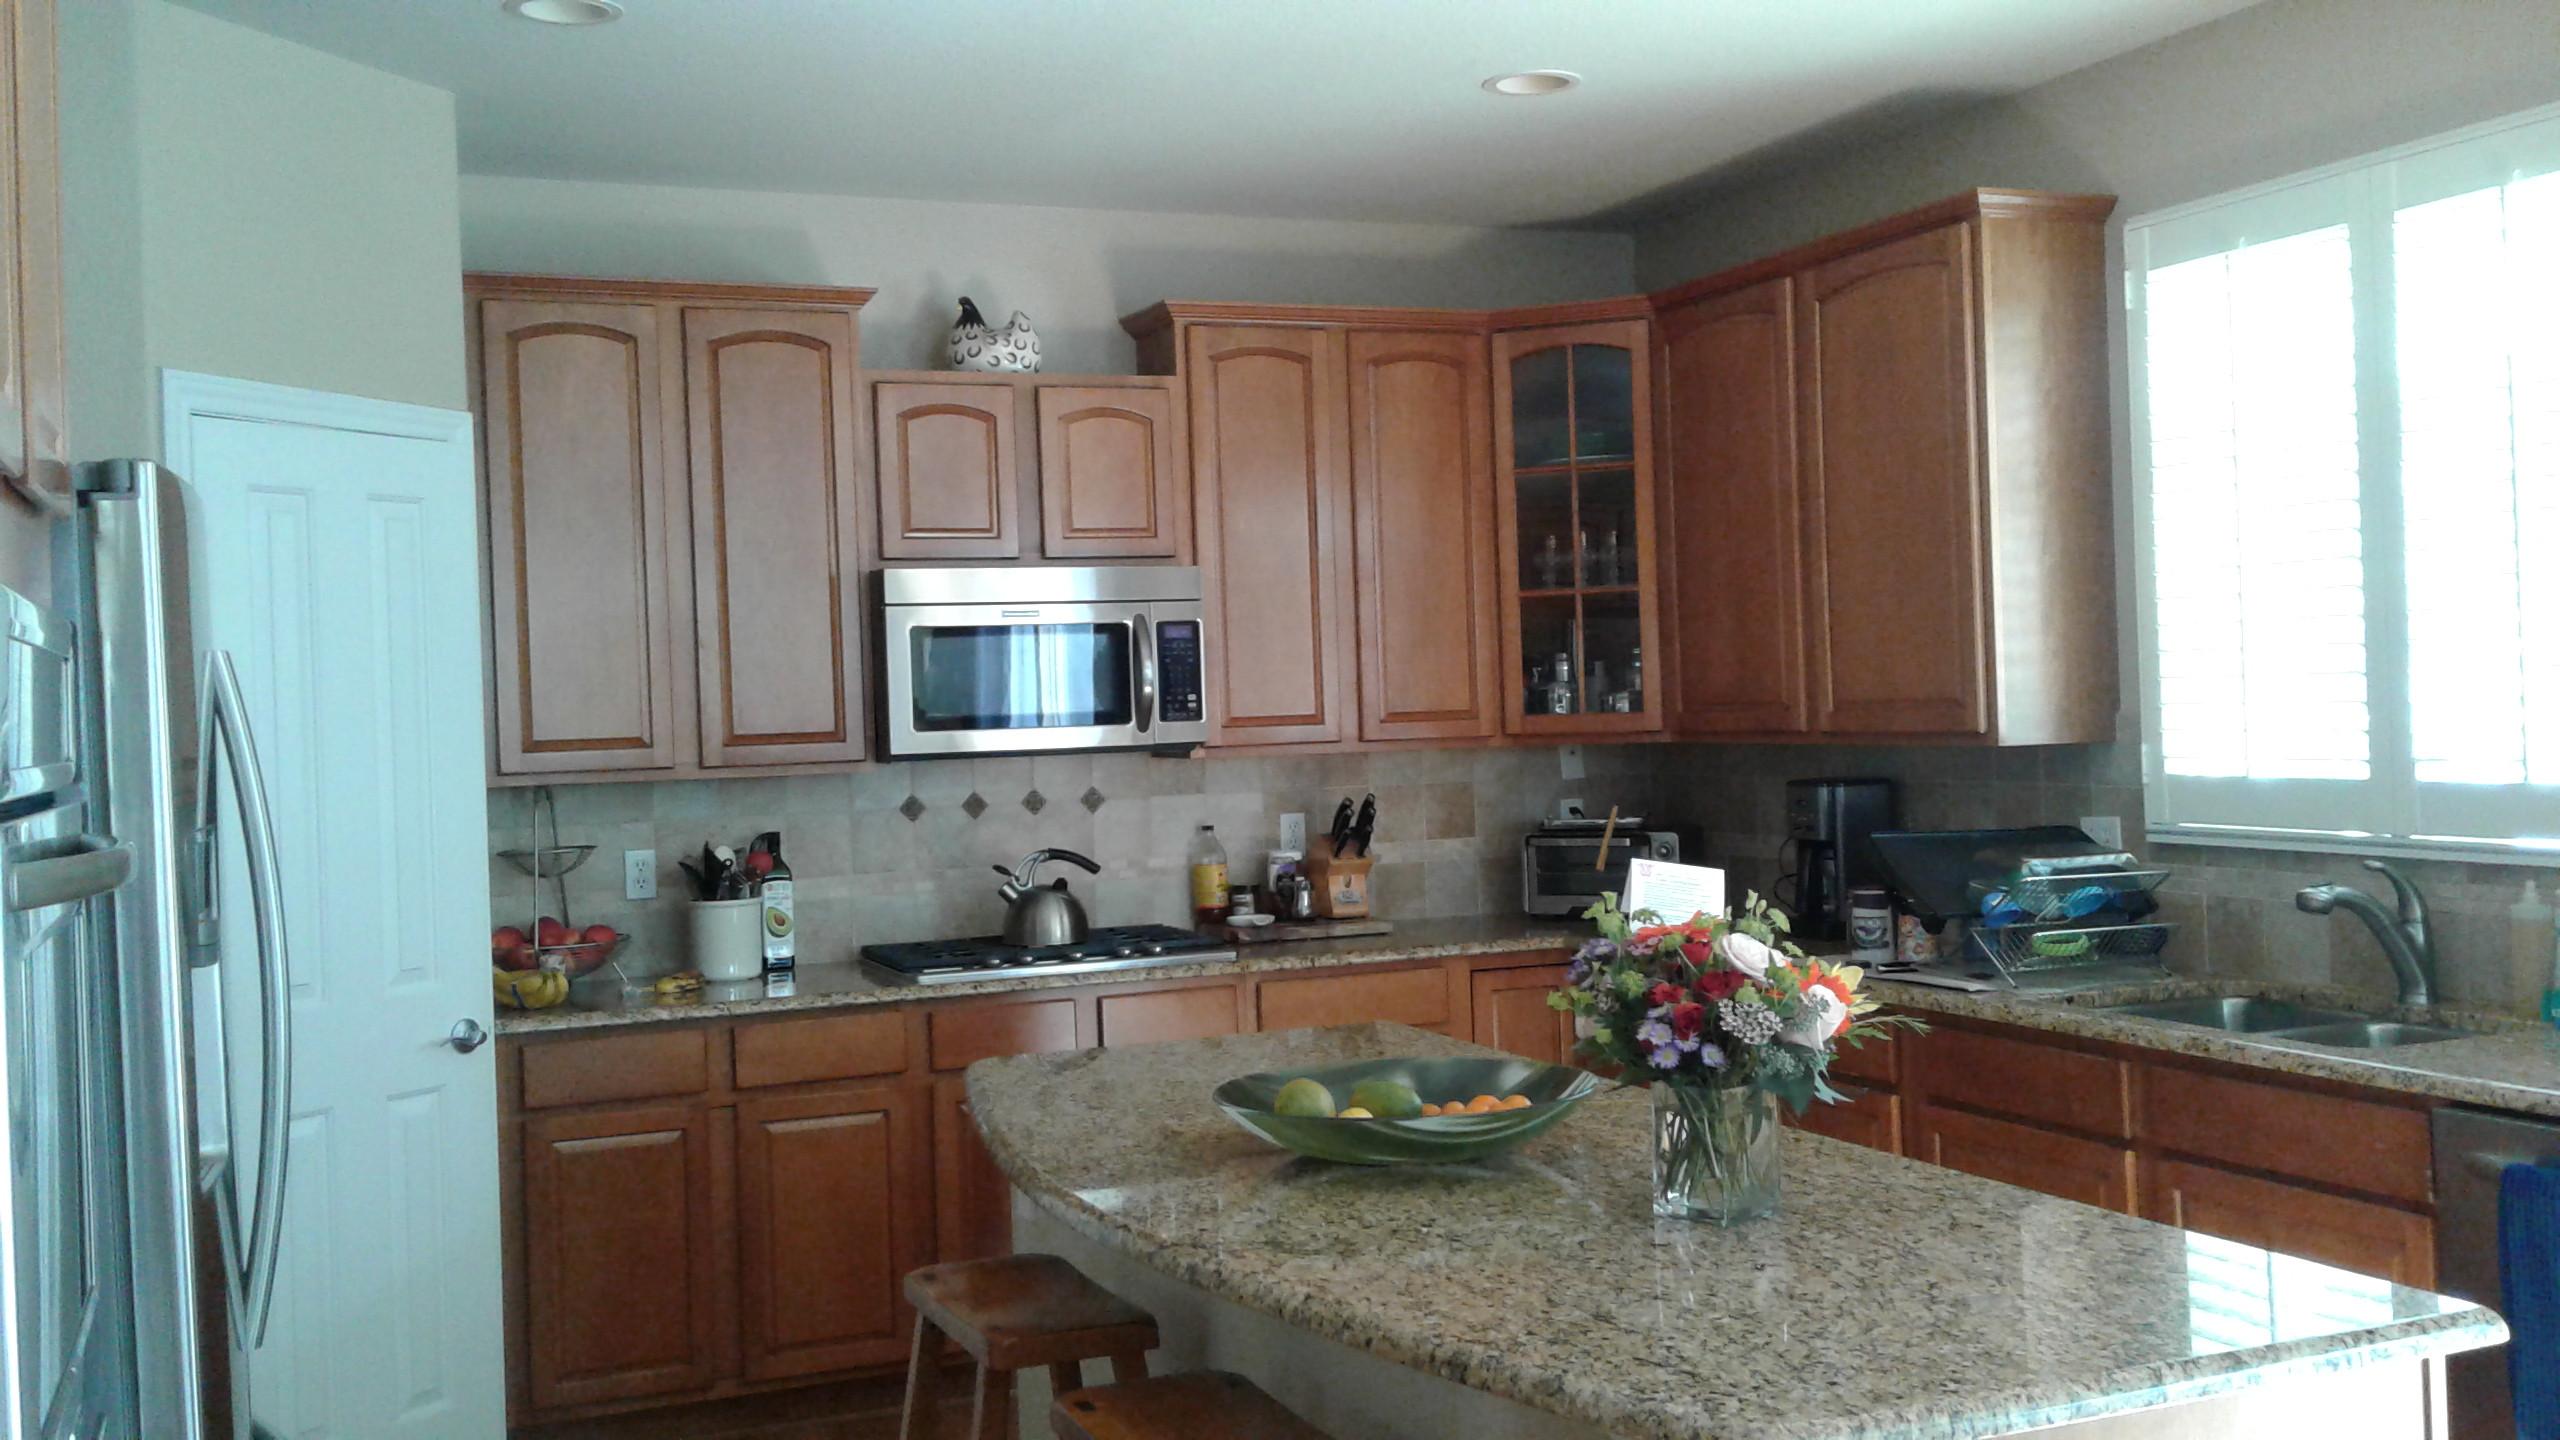 Broomfield Kitchen 2020